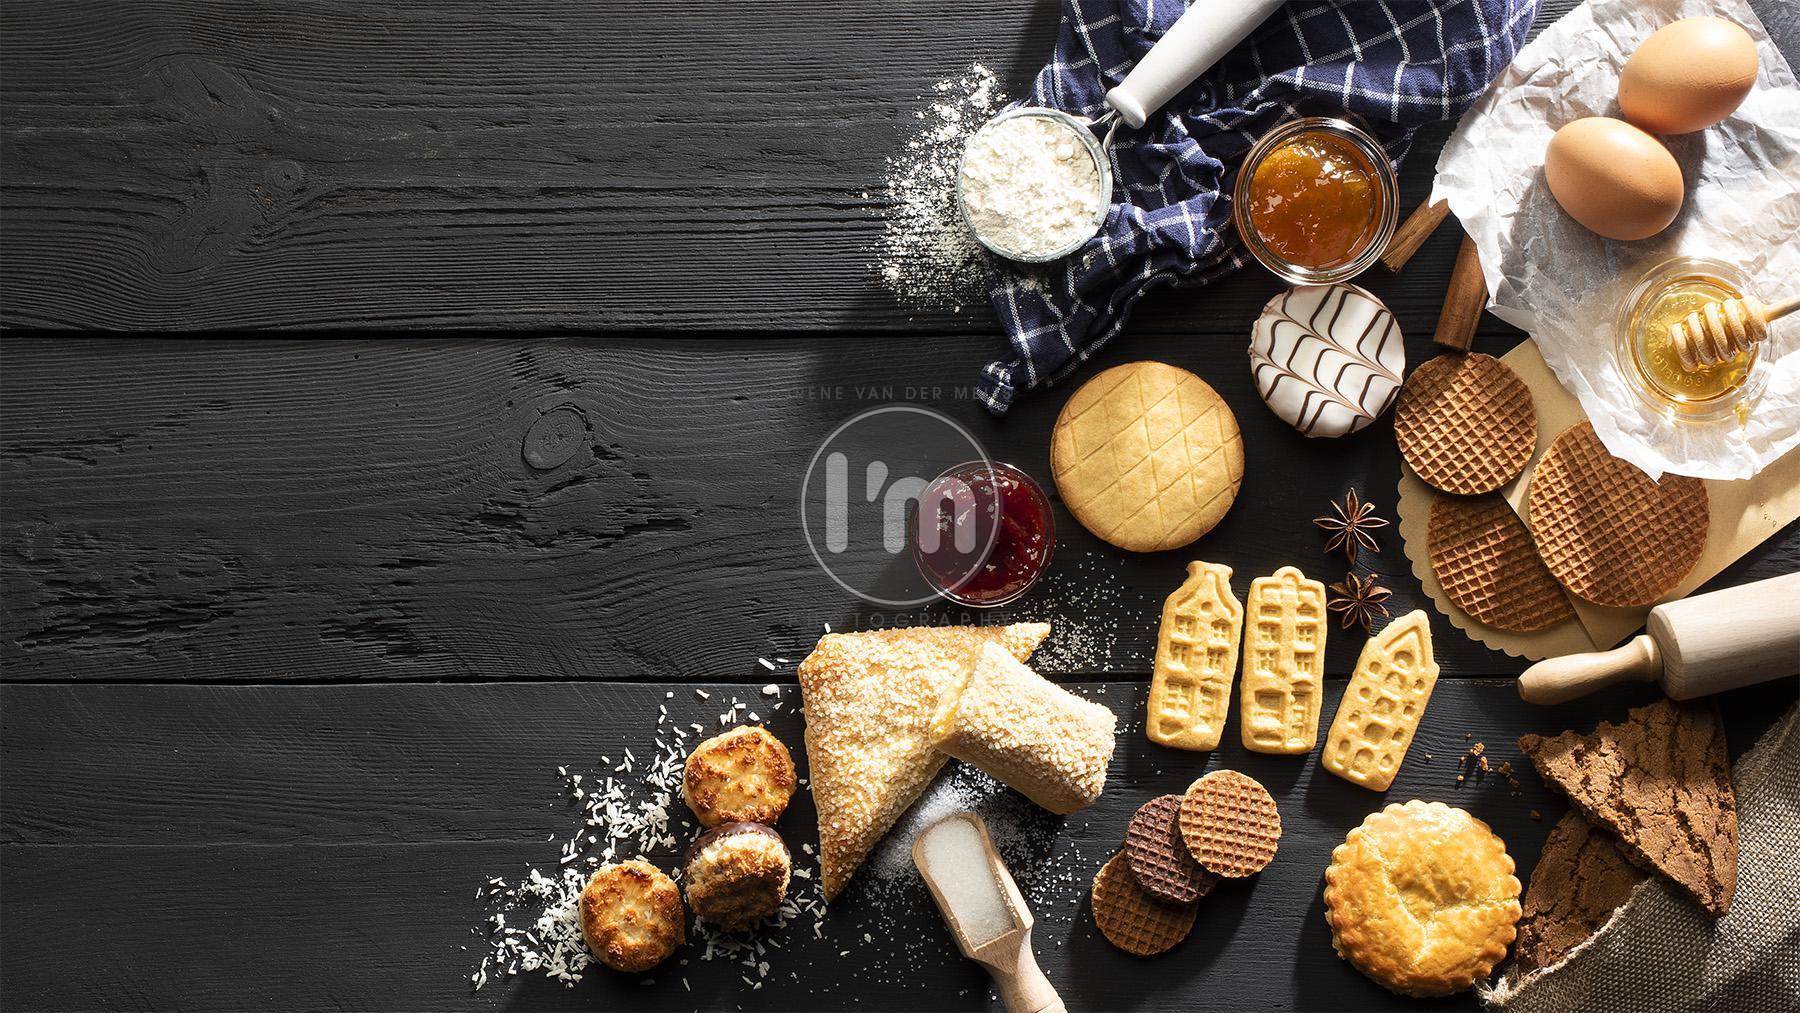 sfeer-foodfotograaf